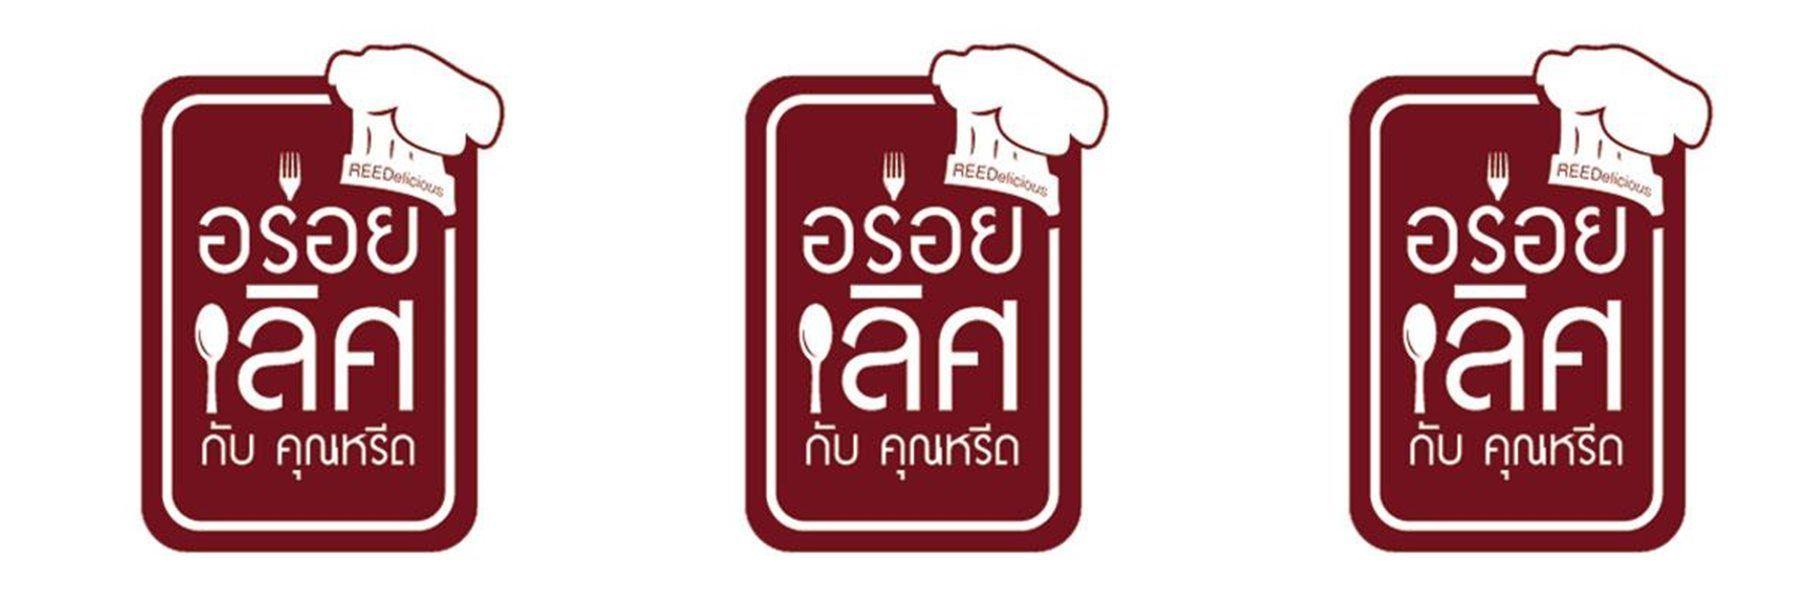 ดูละครย้อนหลัง ไทย-อีสานแท้ขึ้นห้าง ร้านคำพูน | อร่อยเลิศกับคุณหรีด l 1 เม.ย. 62